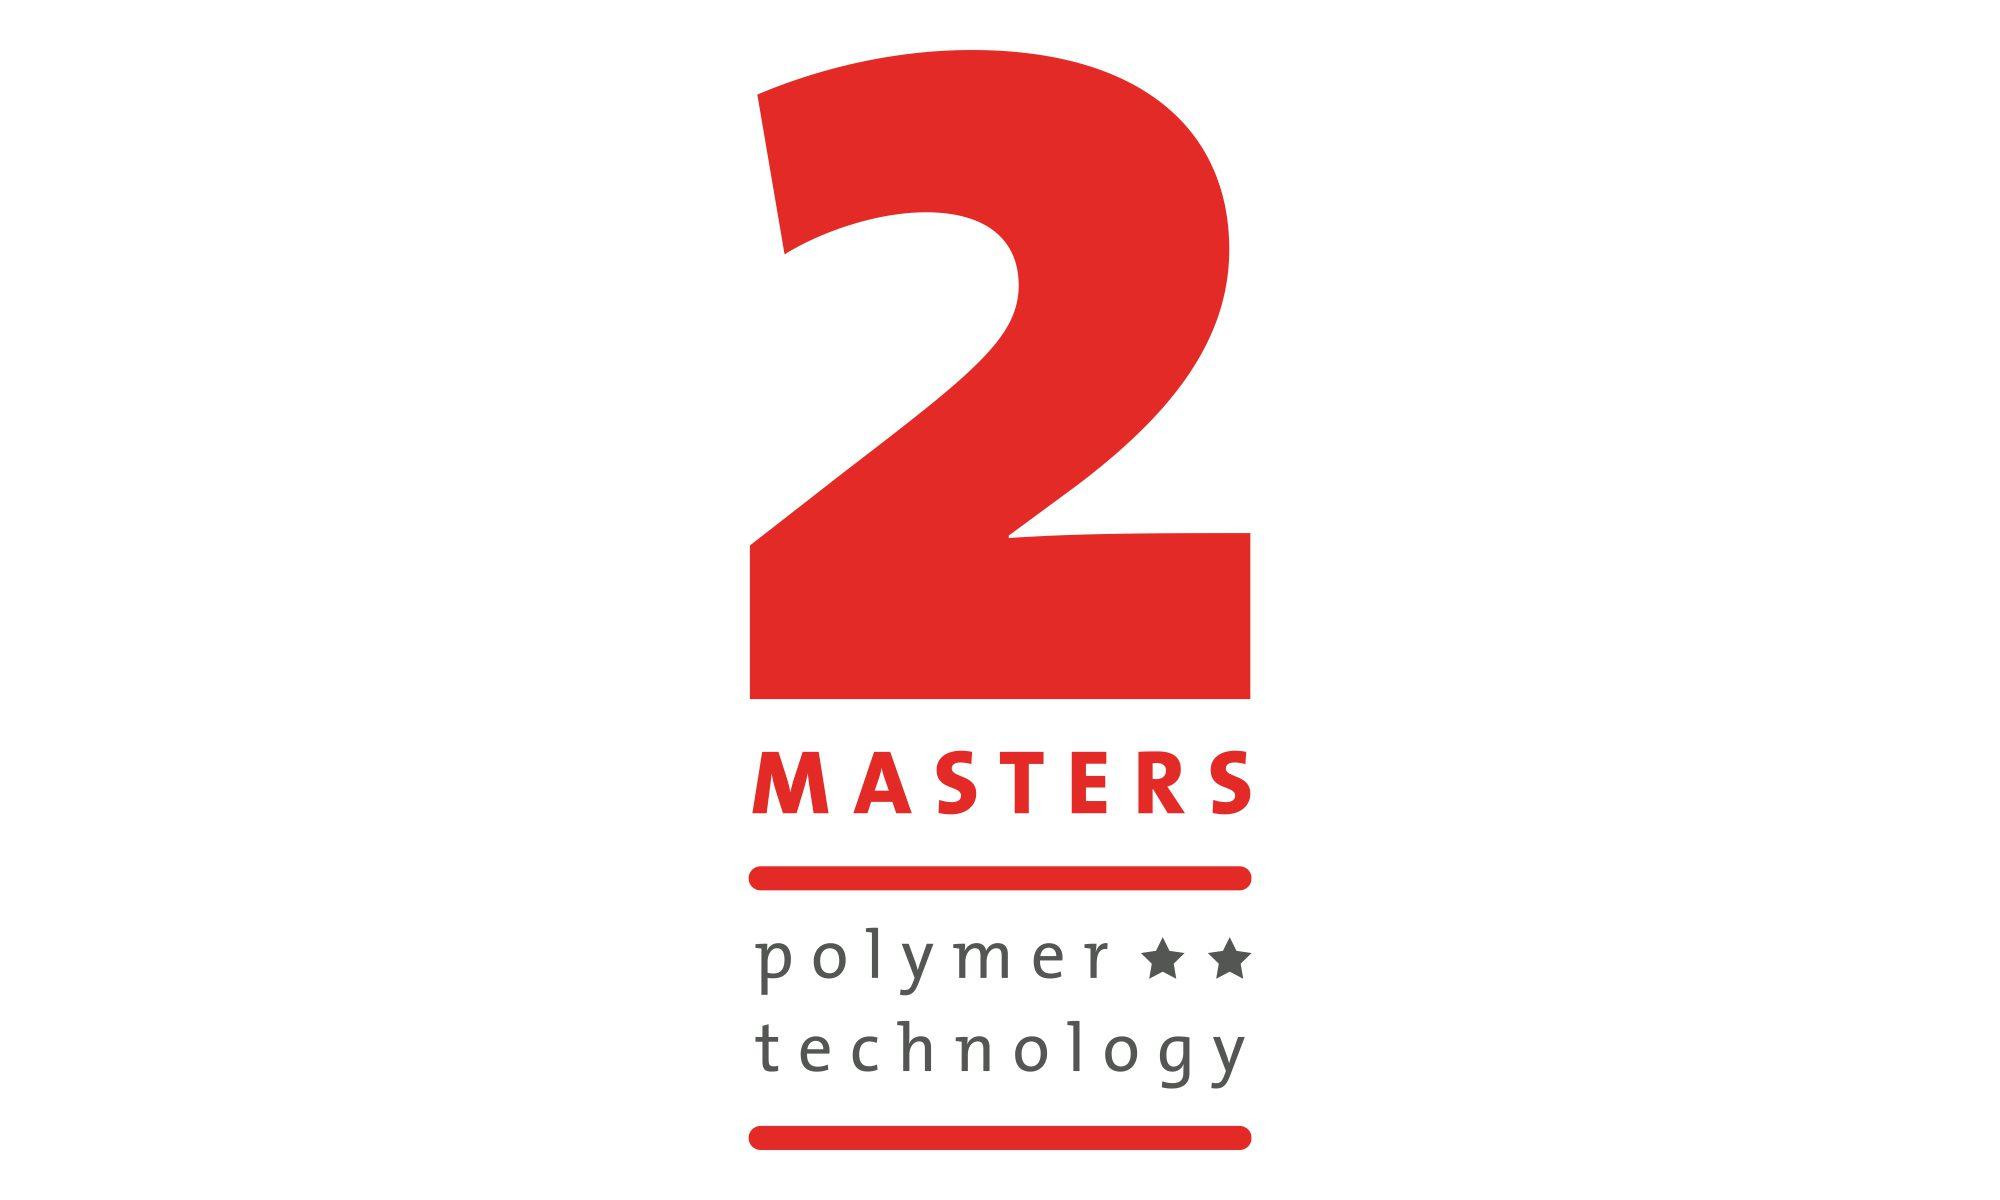 2MASTERS B.V. Polymer** Technology